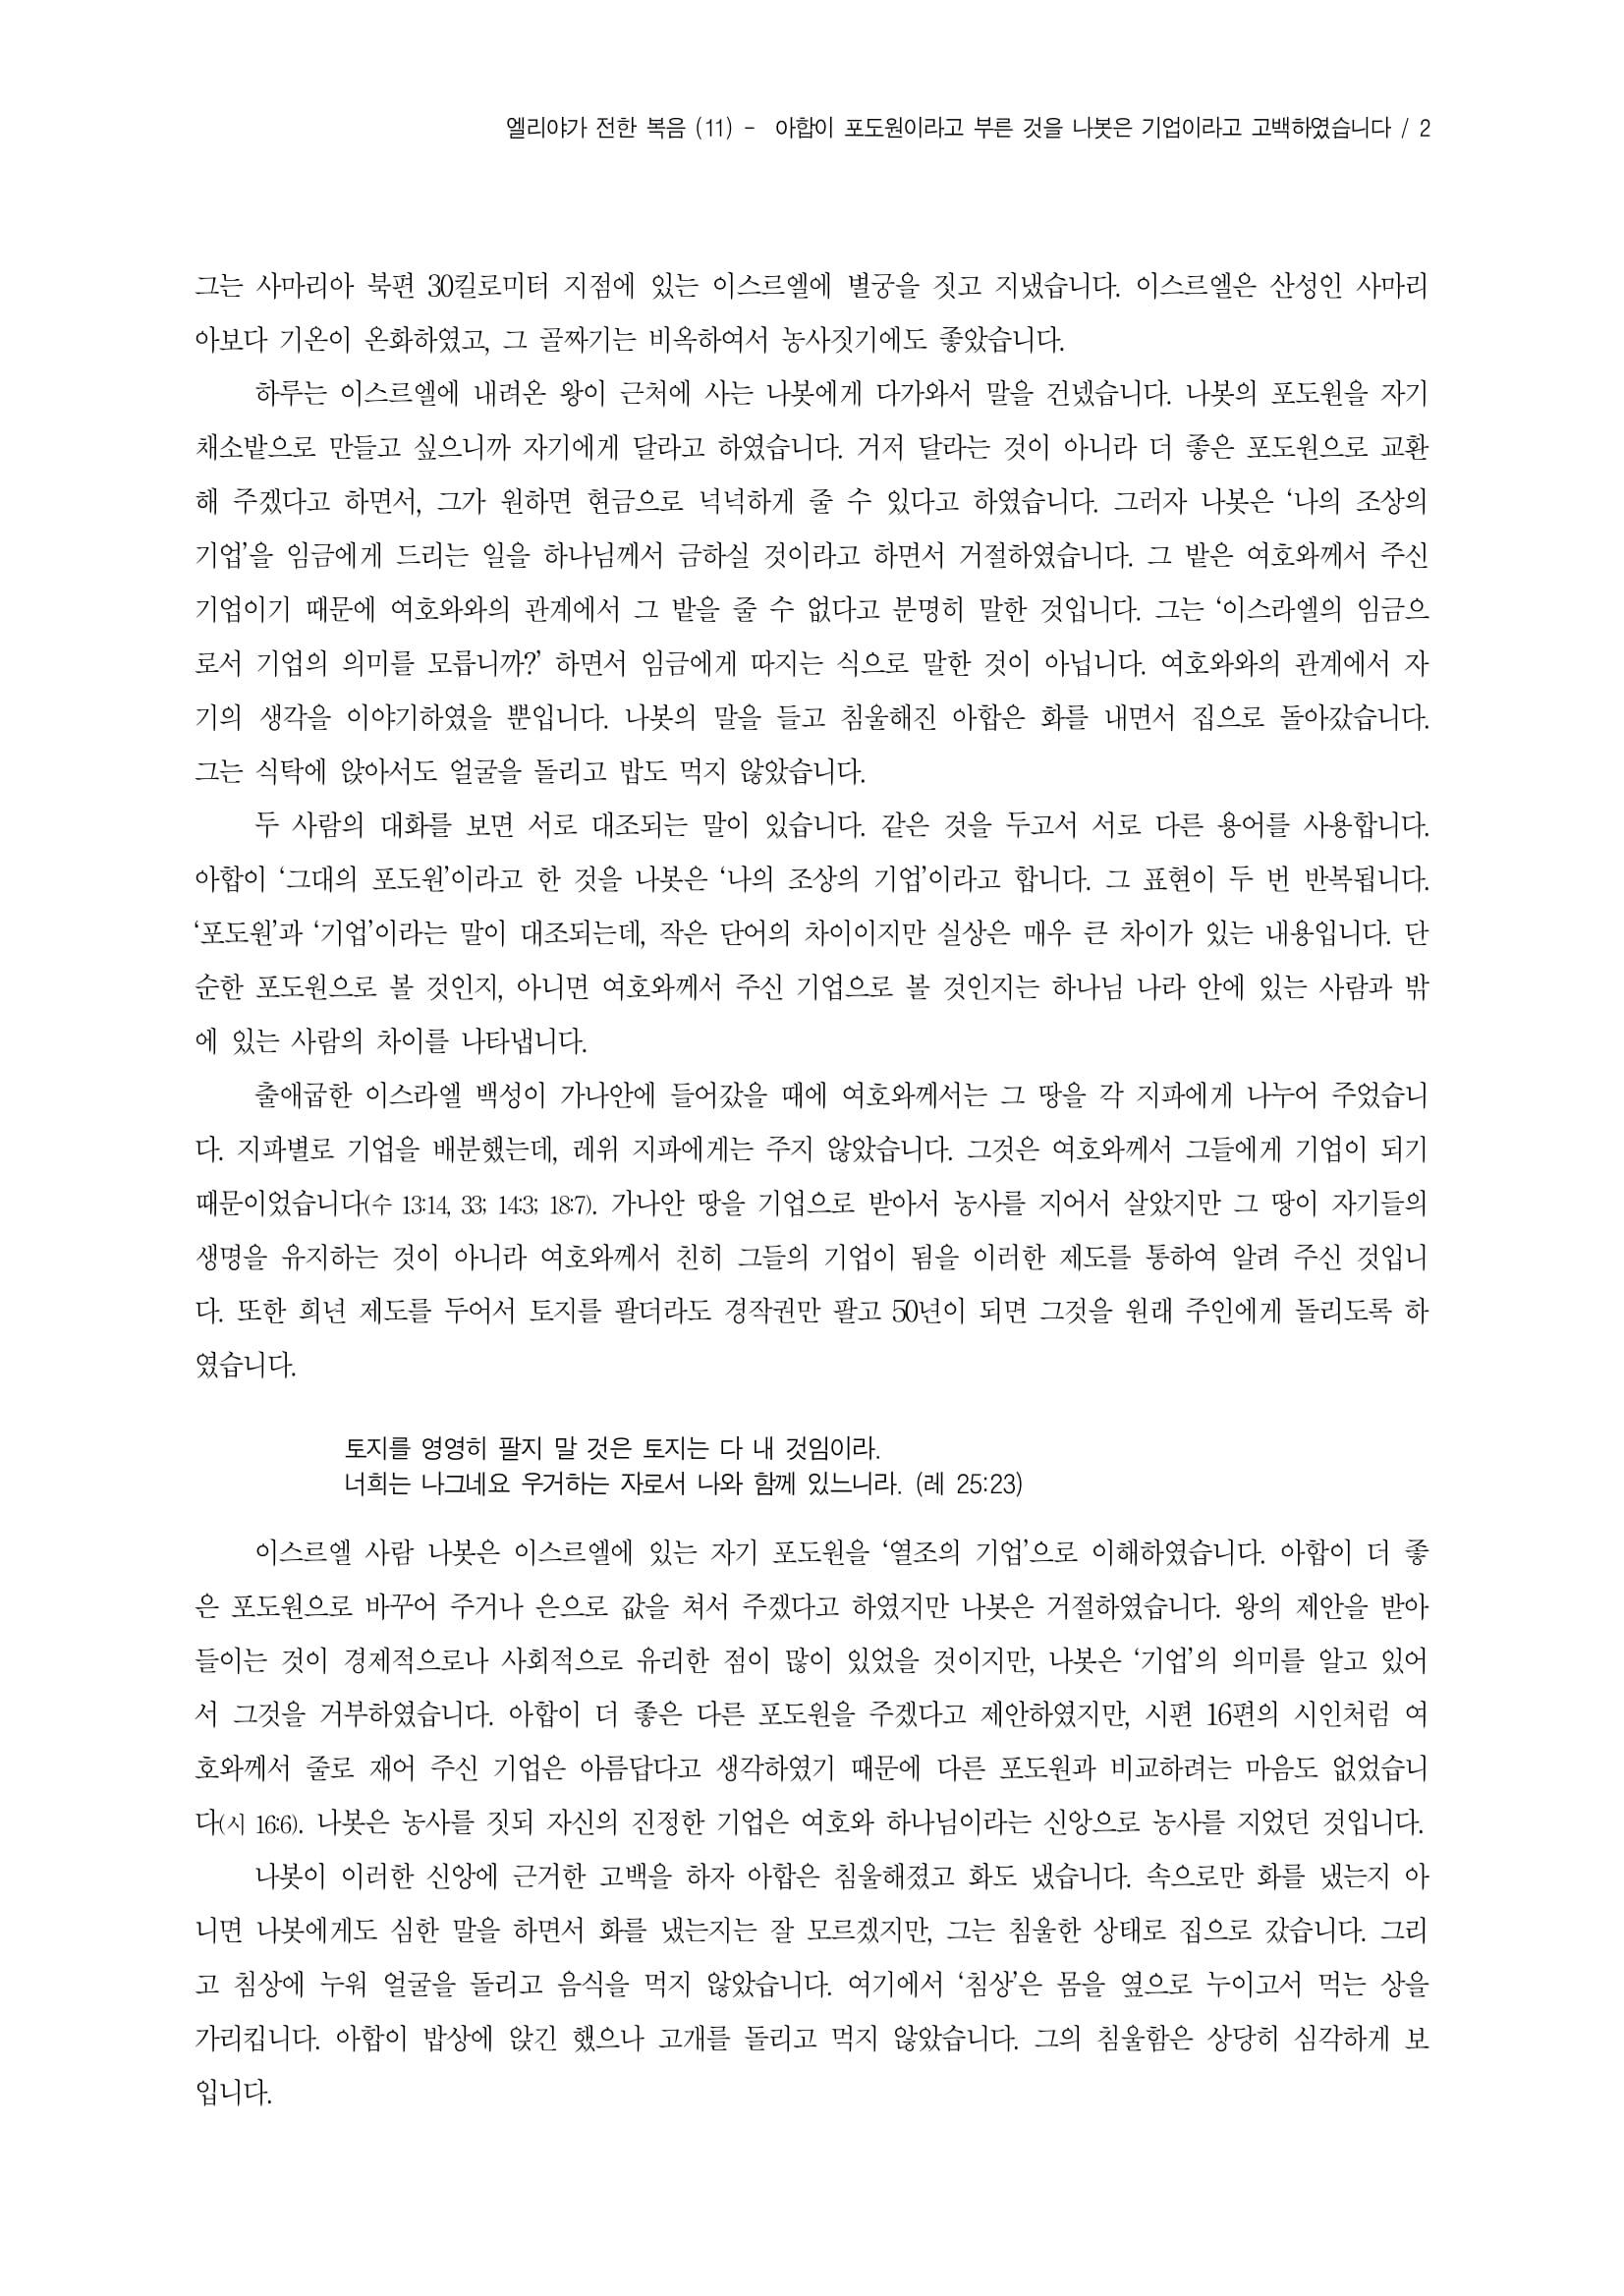 엘리야(11)_나봇의 기업과 아합의 포도원-왕상21장-2.jpg